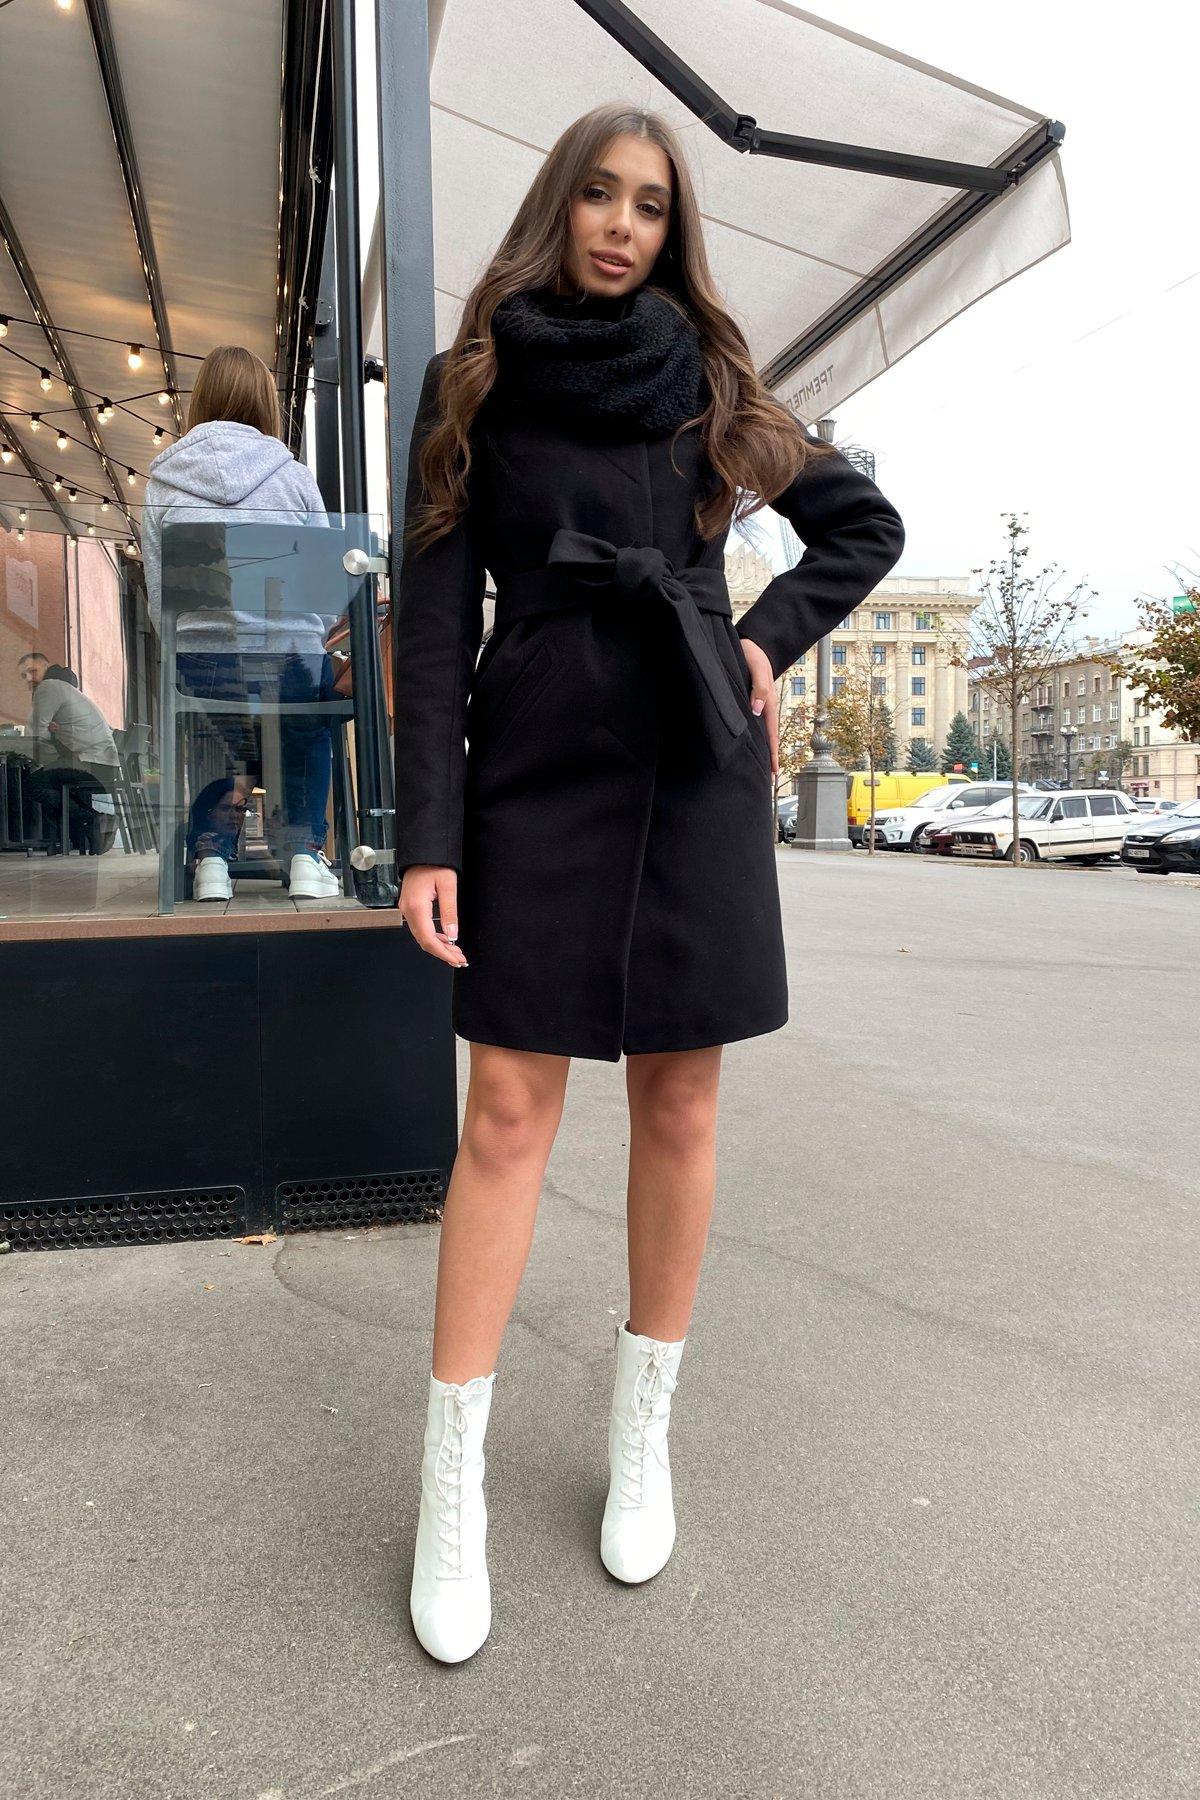 Пальто зима с хомутом Люцея 8211 АРТ. 44225 Цвет: Черный Н-1 - фото 5, интернет магазин tm-modus.ru